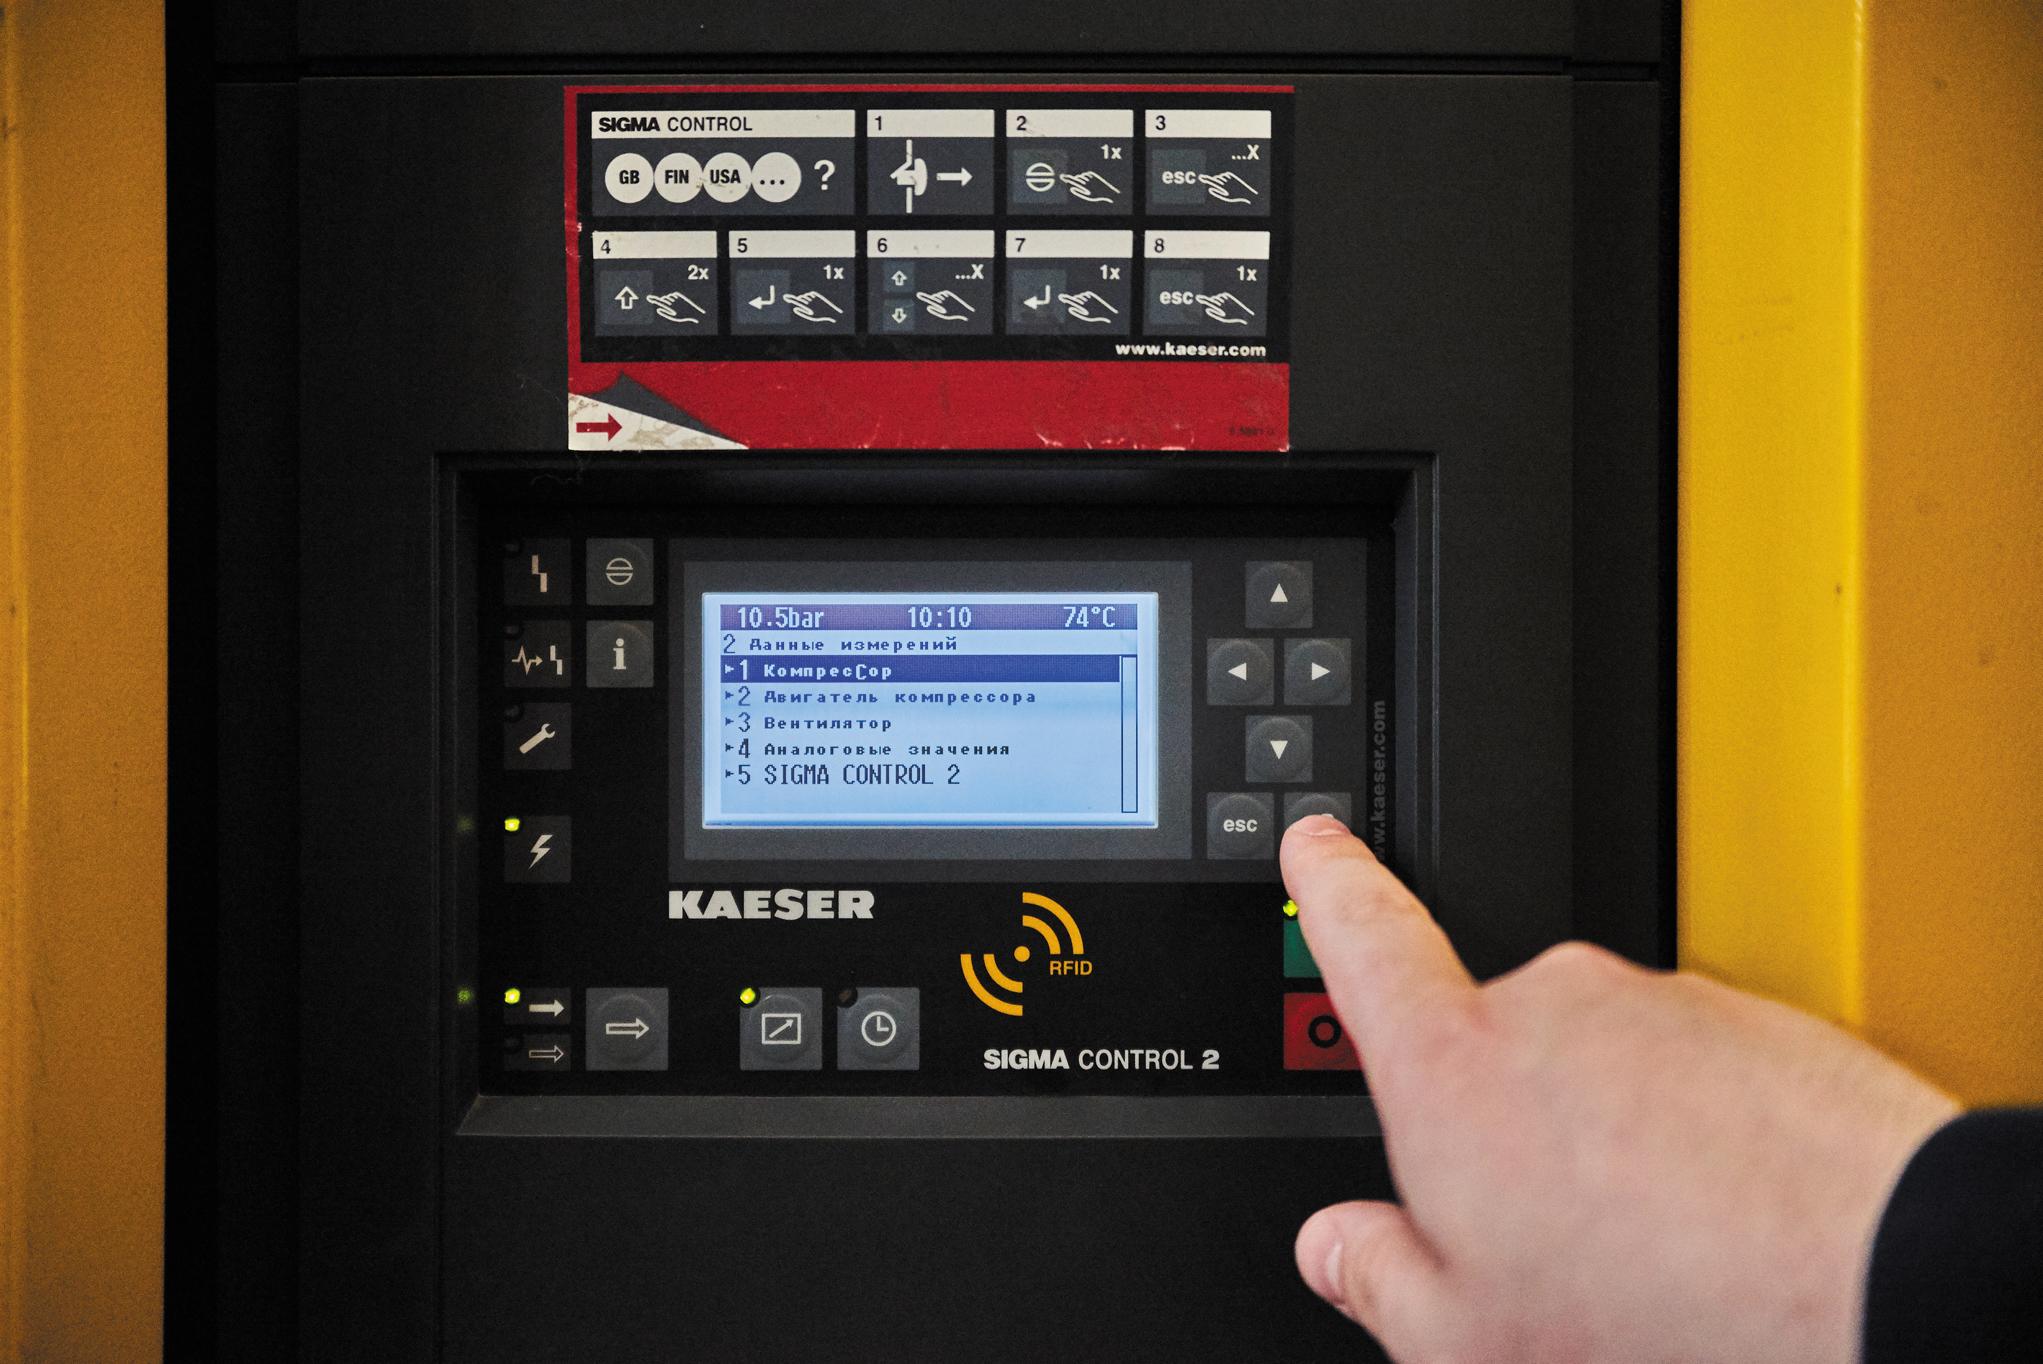 доступ к системе есть не у каждого работника установки — некоторым можно только посмотреть состояние оборудования. Если необходимо что-либо поменять, то система позволяет сделать это лишь машинисту с личной картой на каждый компрессор.